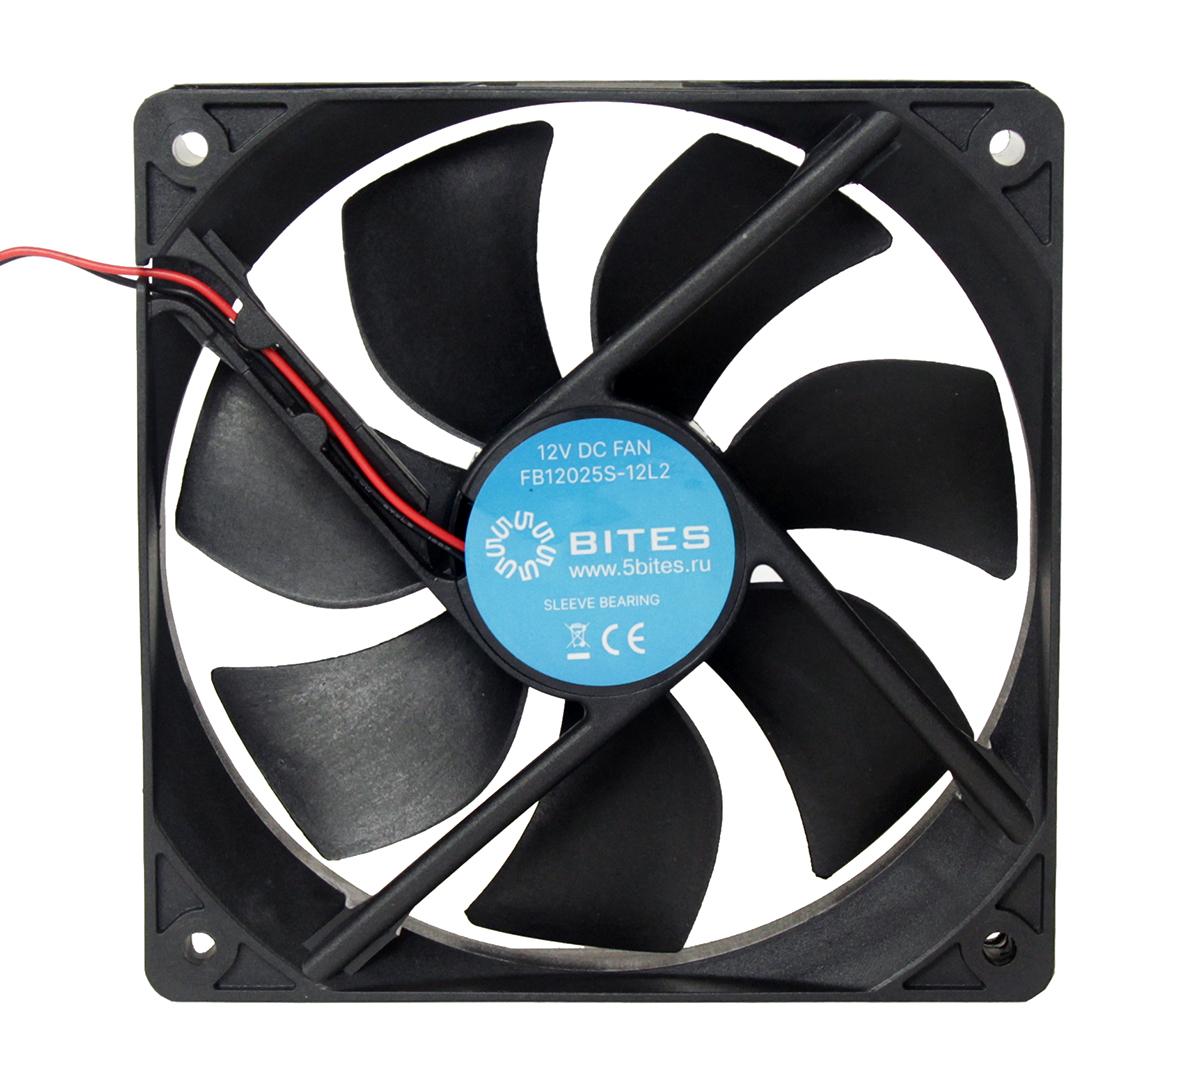 Вентилятор 5bites FB12025S-12L2, 120x120x25мм, подшипник скольжения, 1200rpm, 25 дБ, 2pin